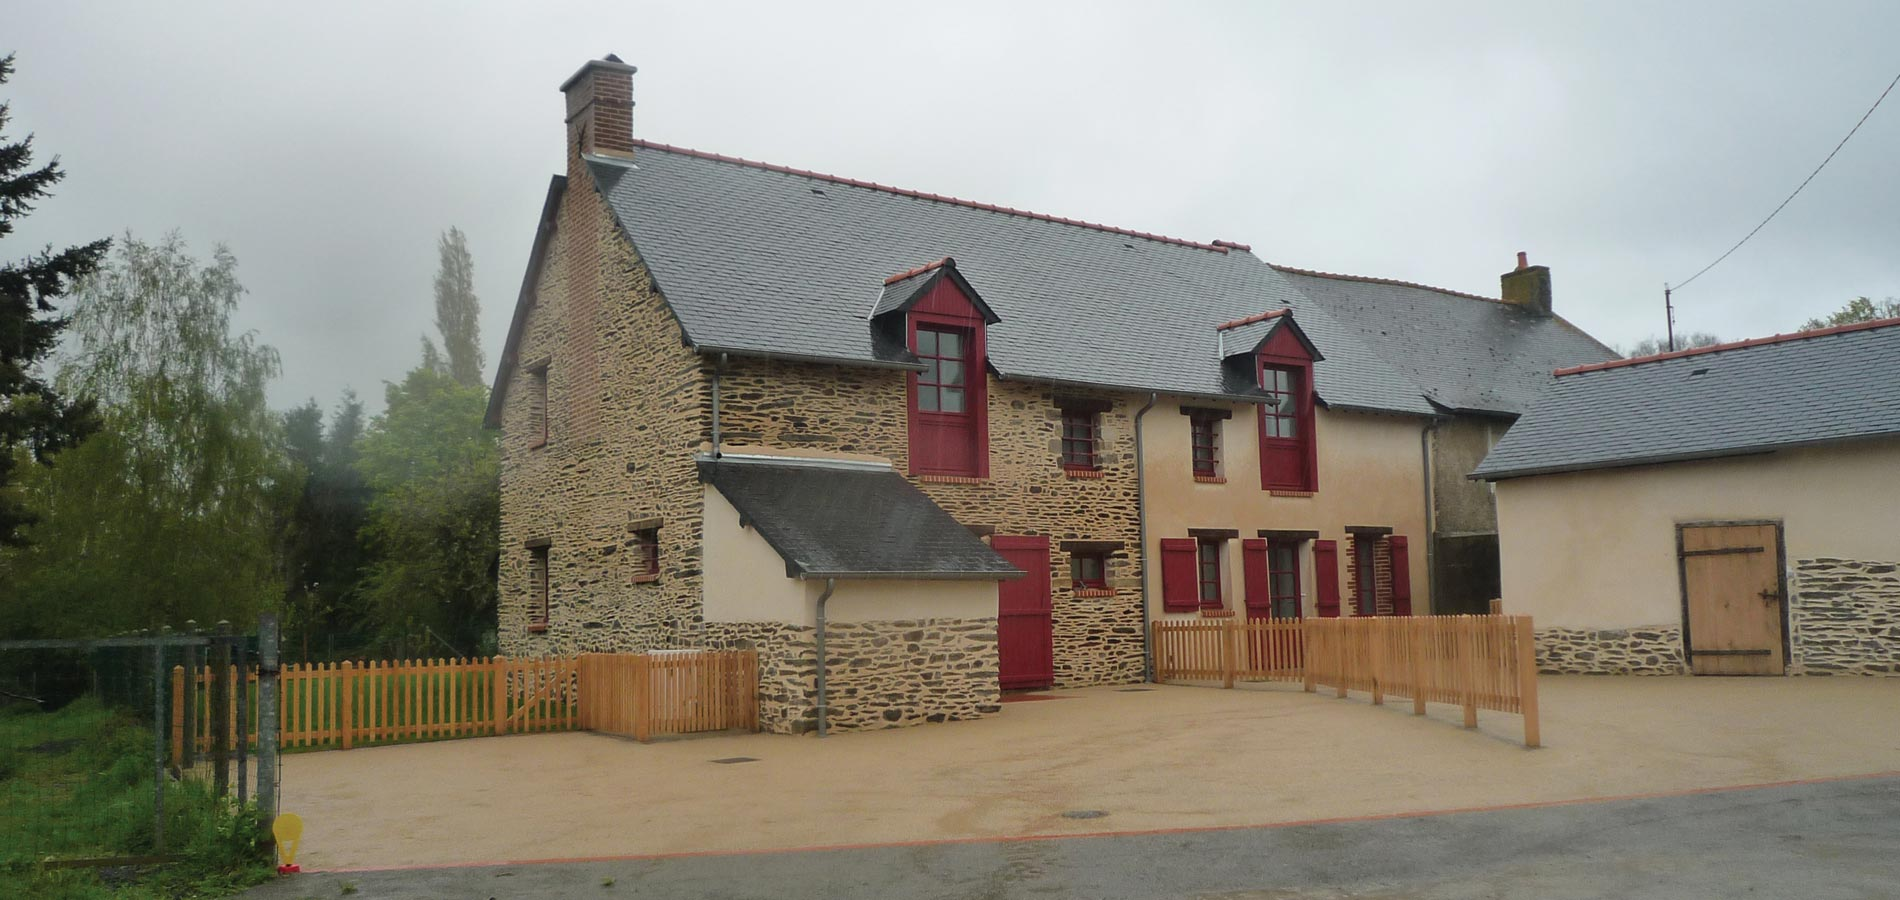 Jouanny Architecture Rénovation Le-Fleuriais_a la une. Cesson-Sévigné